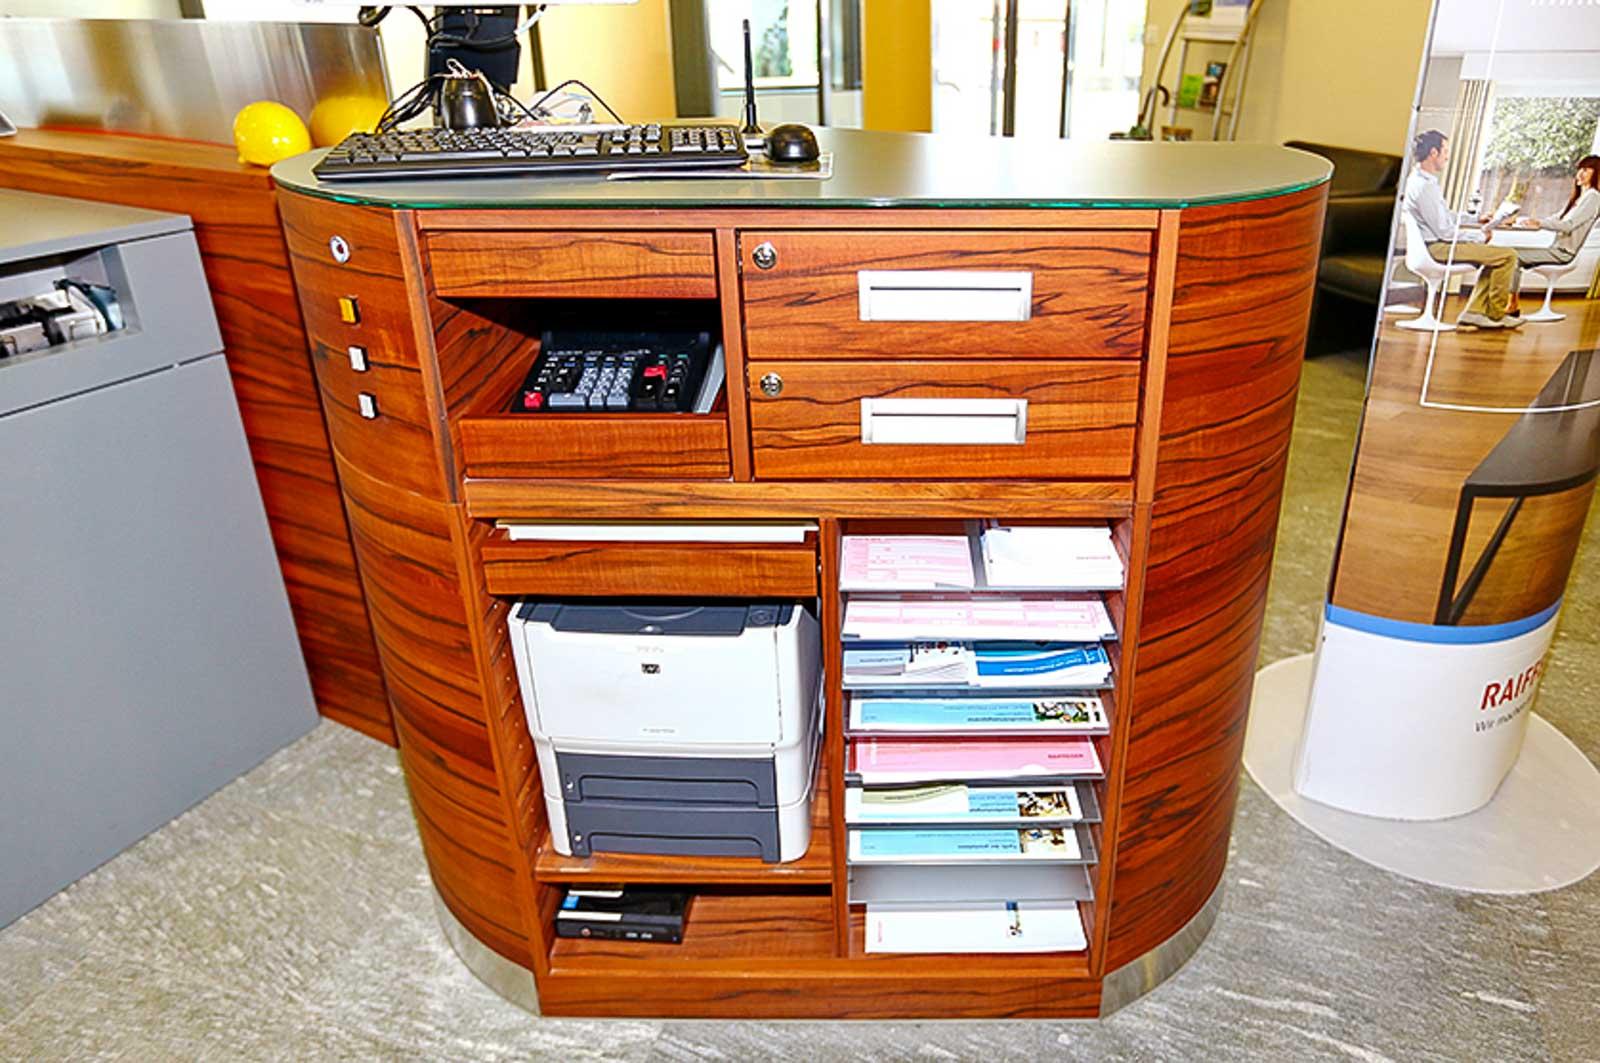 Wooddesign_Büro_Homeoffice_Schreibtisch_höhenverstellbar_Regal_Schubladen_Wandschrank_Sideboard_Besprechungstisch_Empfangstheke (3)